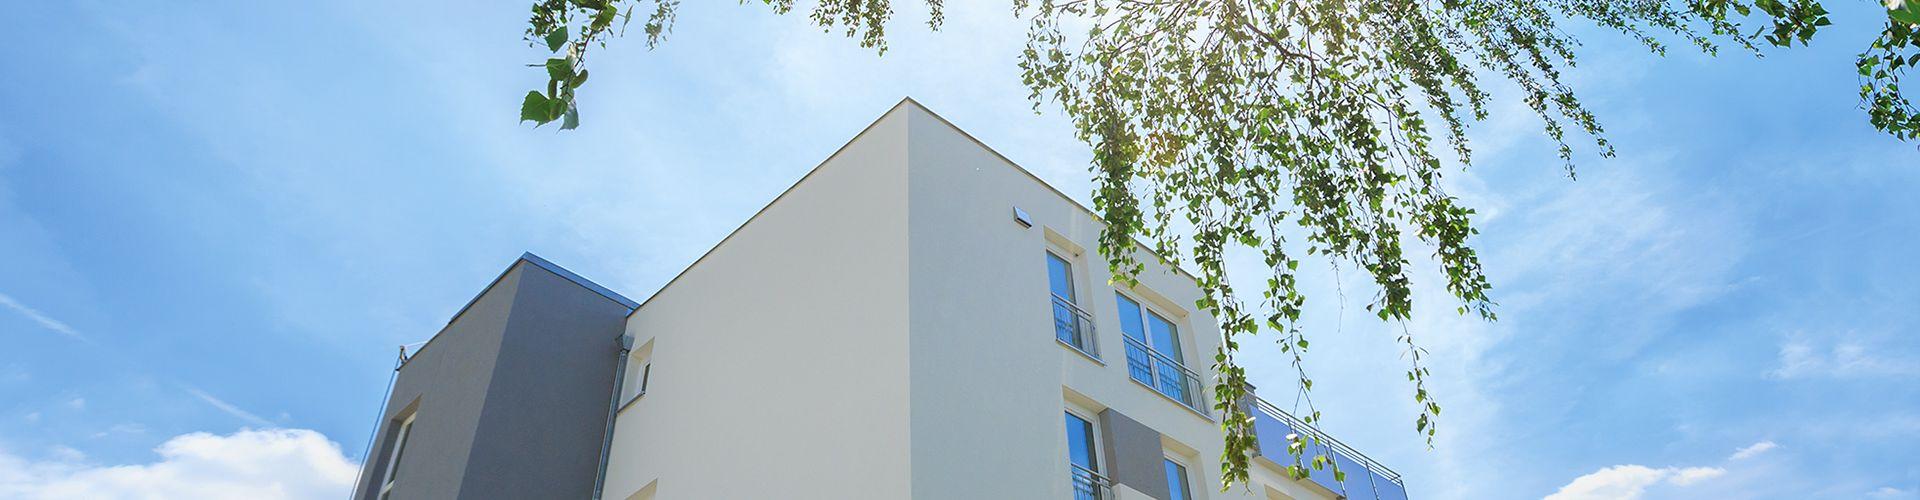 Eigentumswohnungen Erlangen